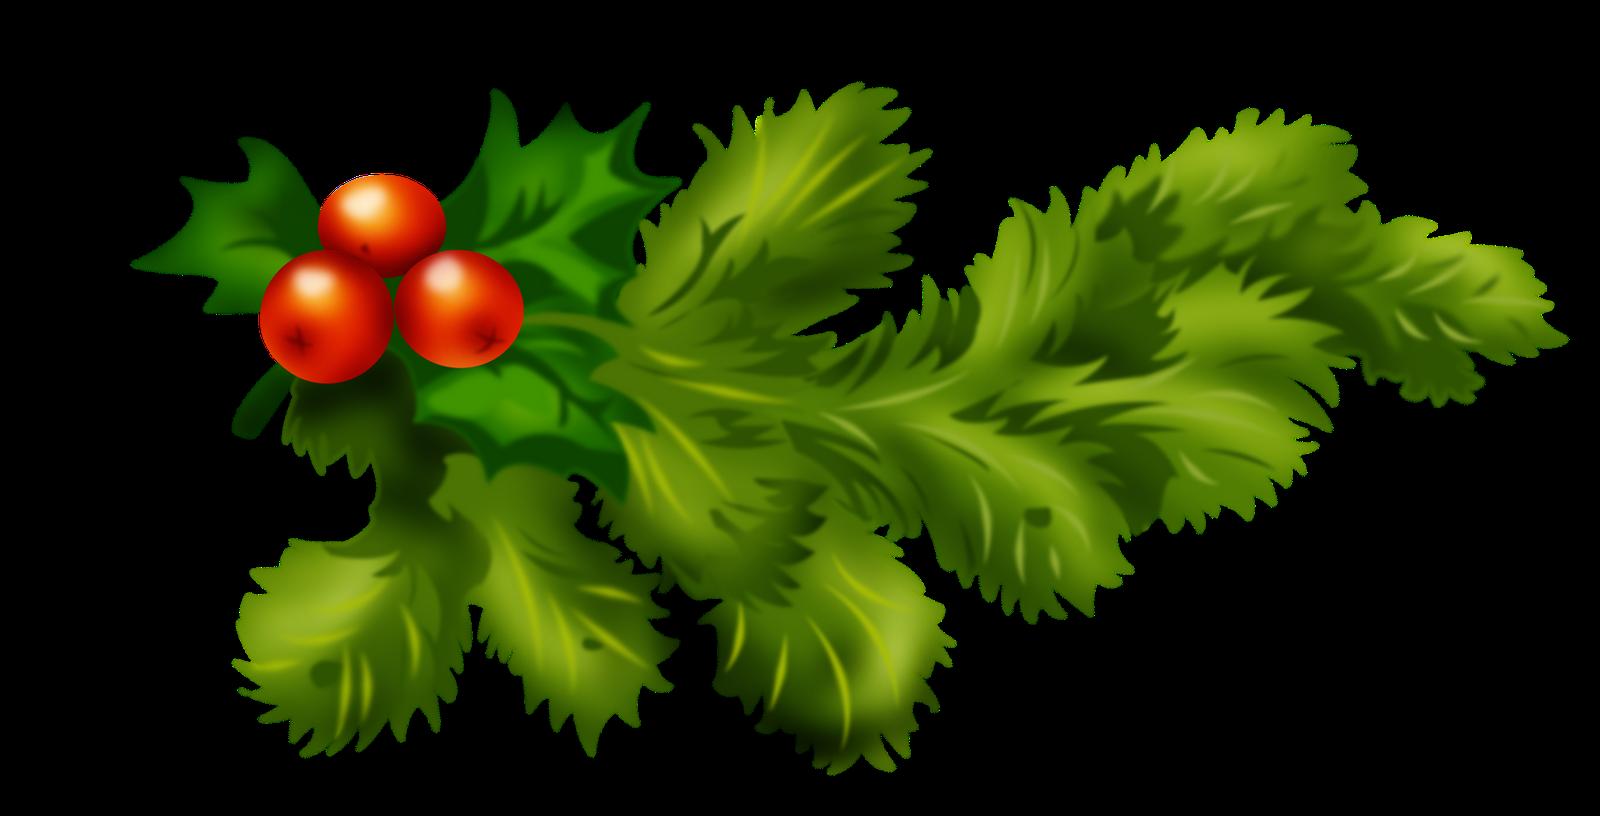 adornos luces y campanas de navidad png fondos de